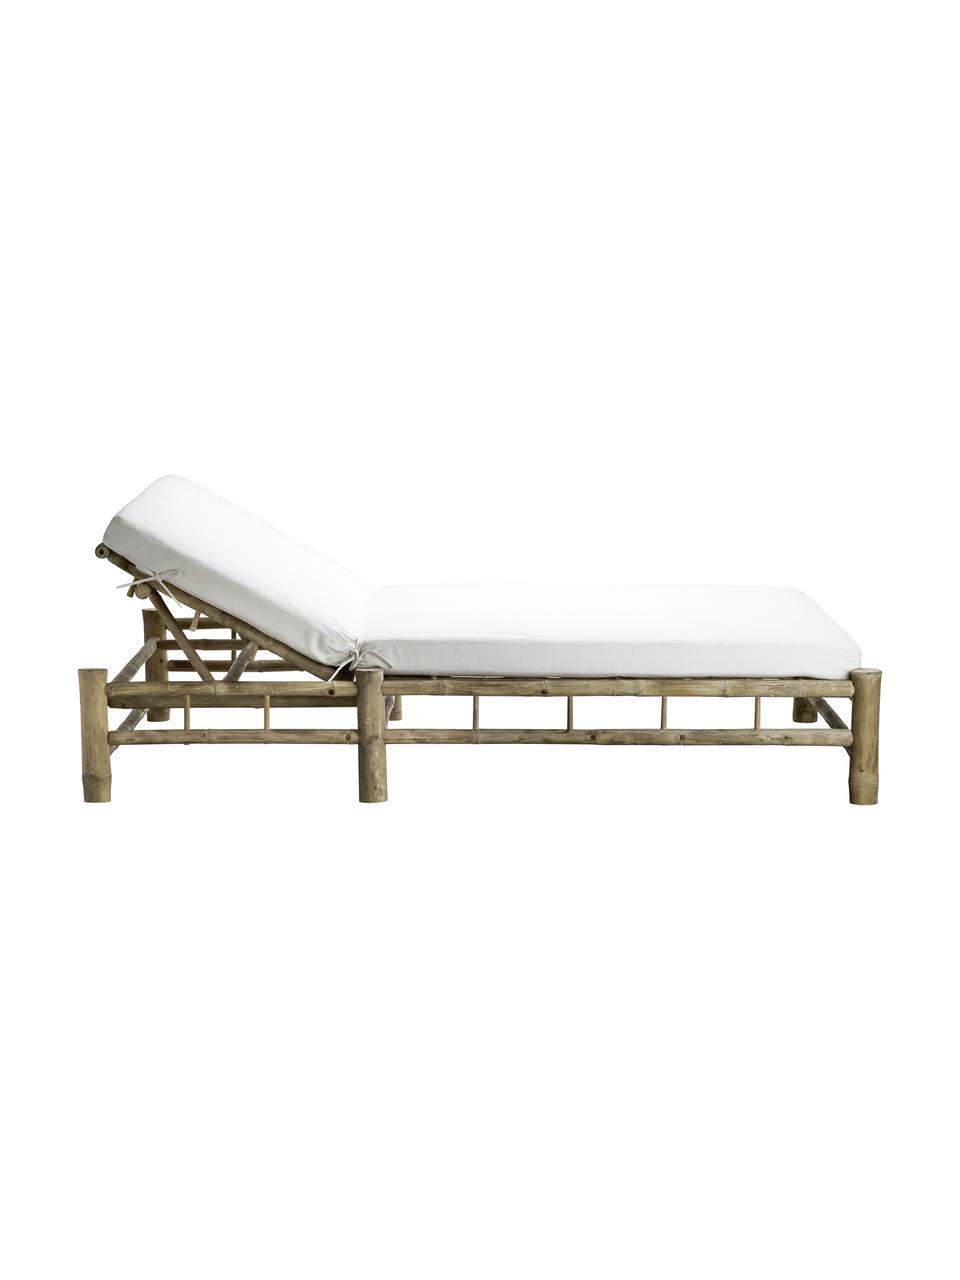 XL Bambus-Gartenliege Bambed mit Polsterauflage, Gestell: Bambus, Bezug: 100% Baumwolle, Weiß, Braun, 150 x 210 cm